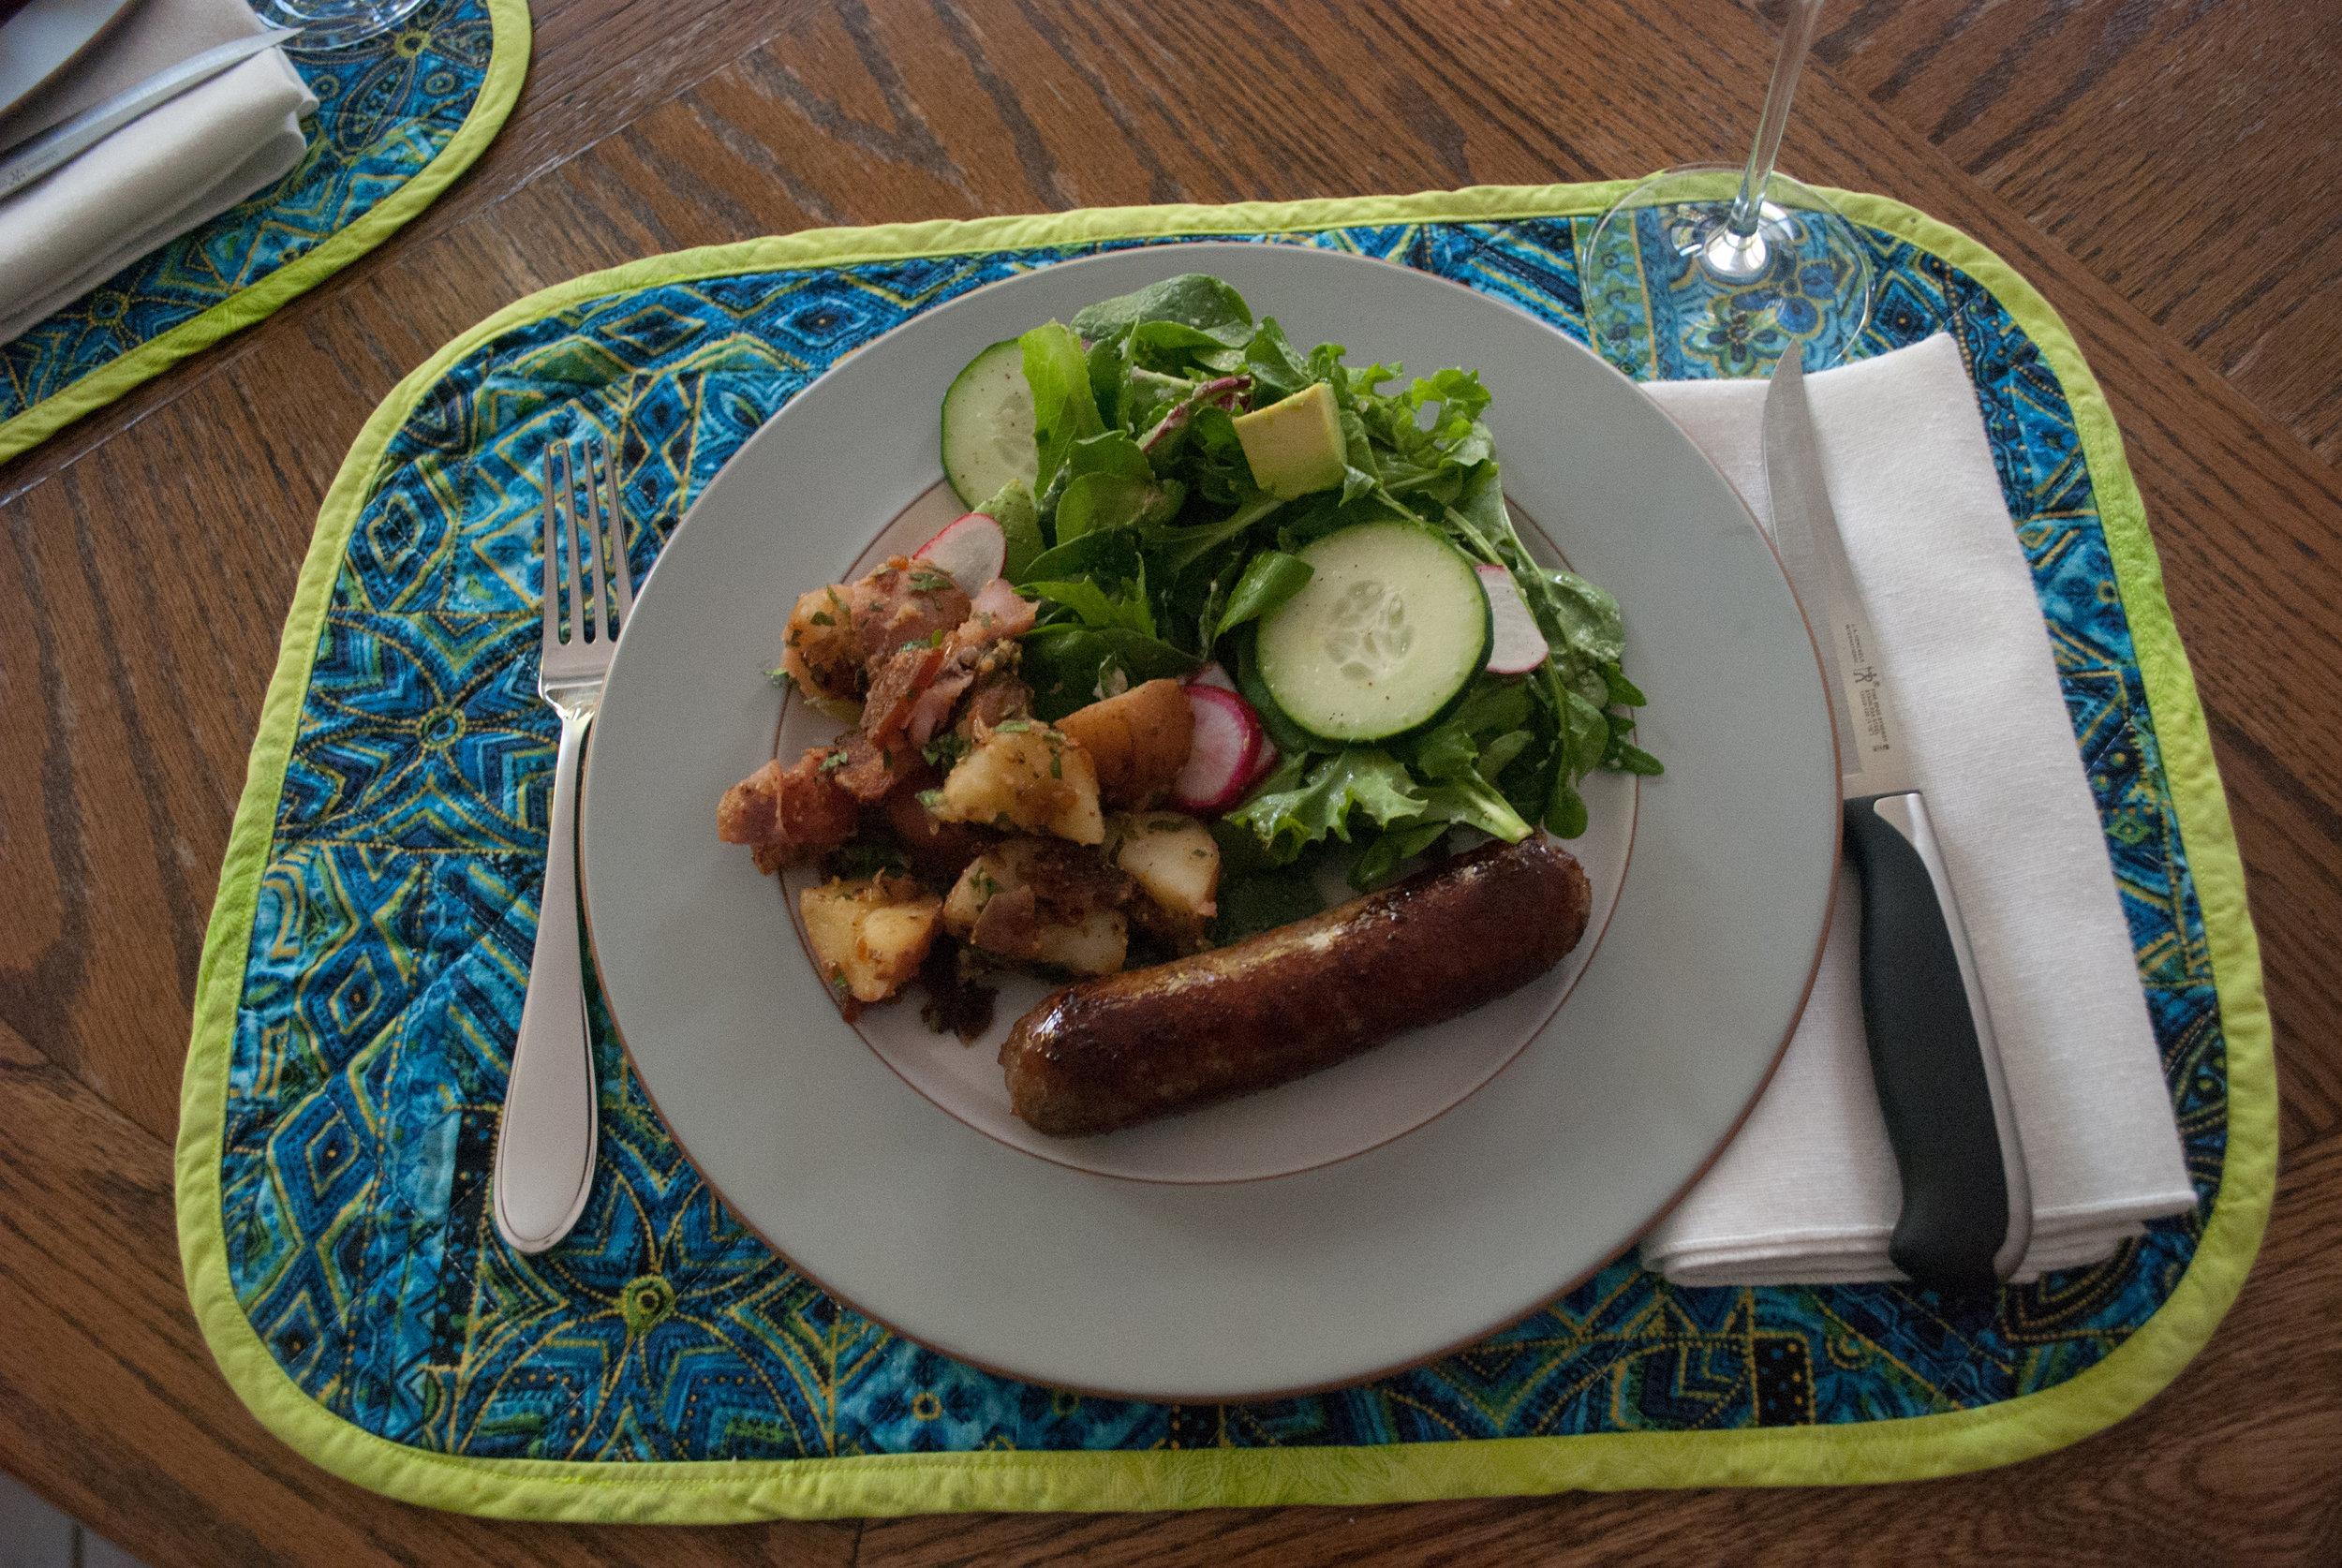 German meal